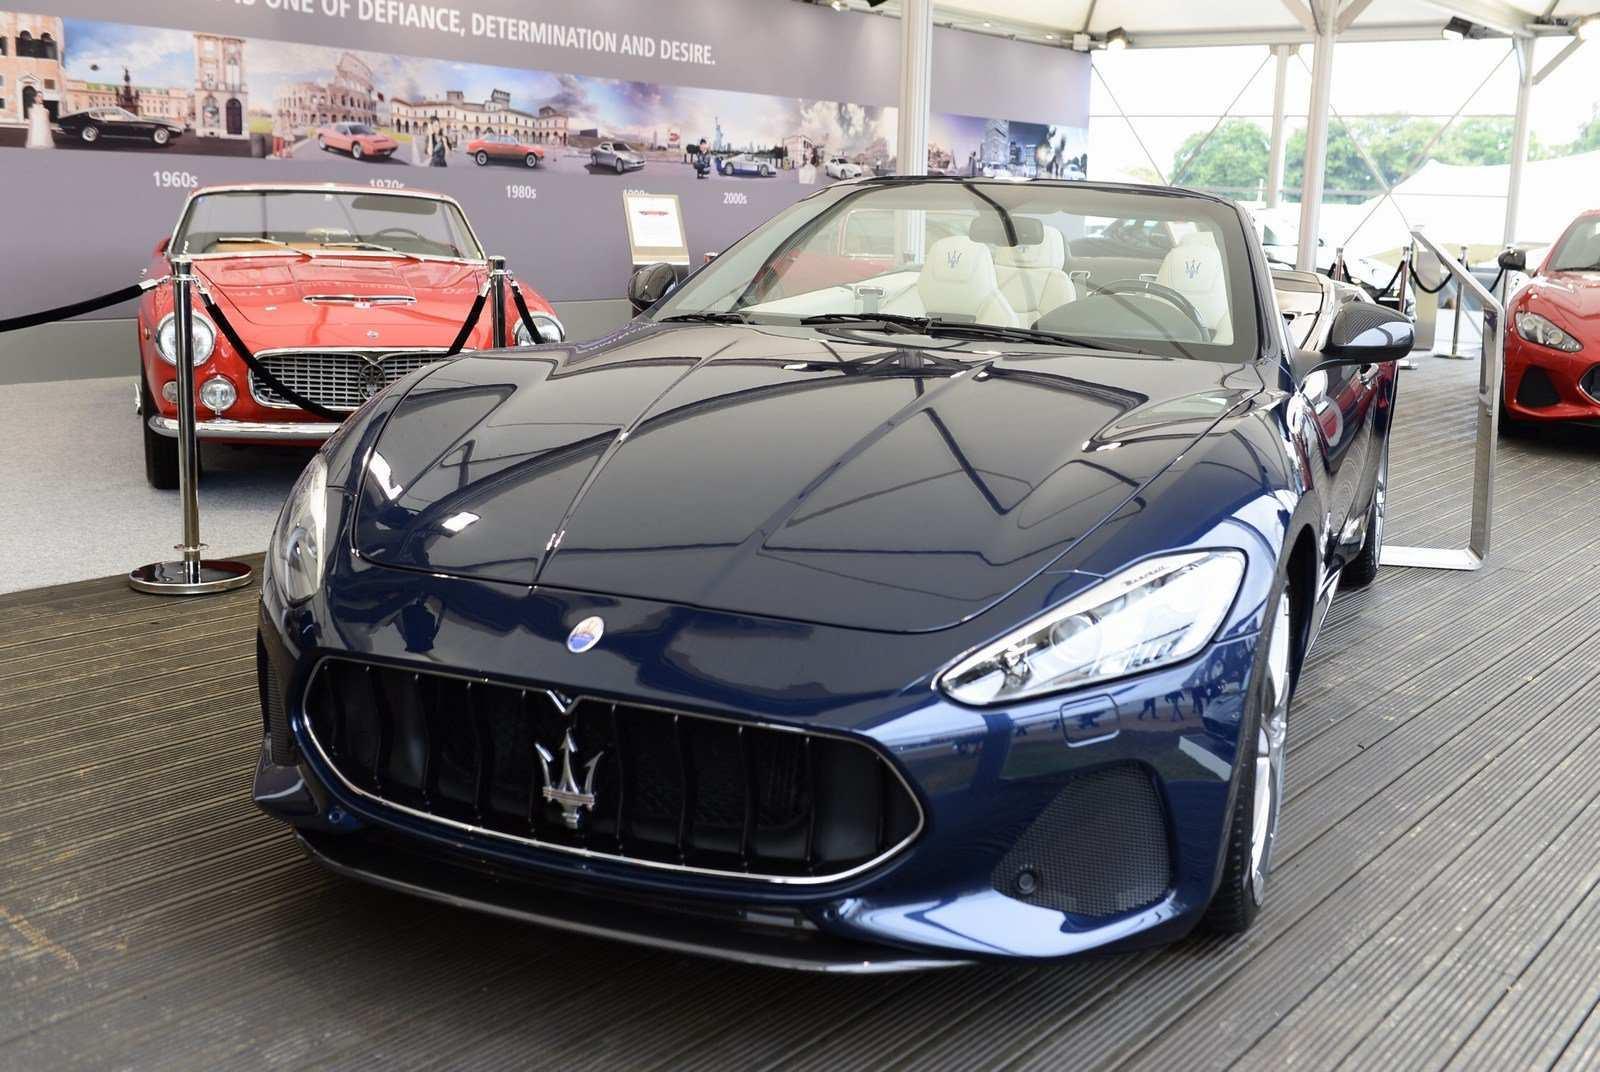 15 New 2020 Maserati Granturismo Specs for 2020 Maserati Granturismo